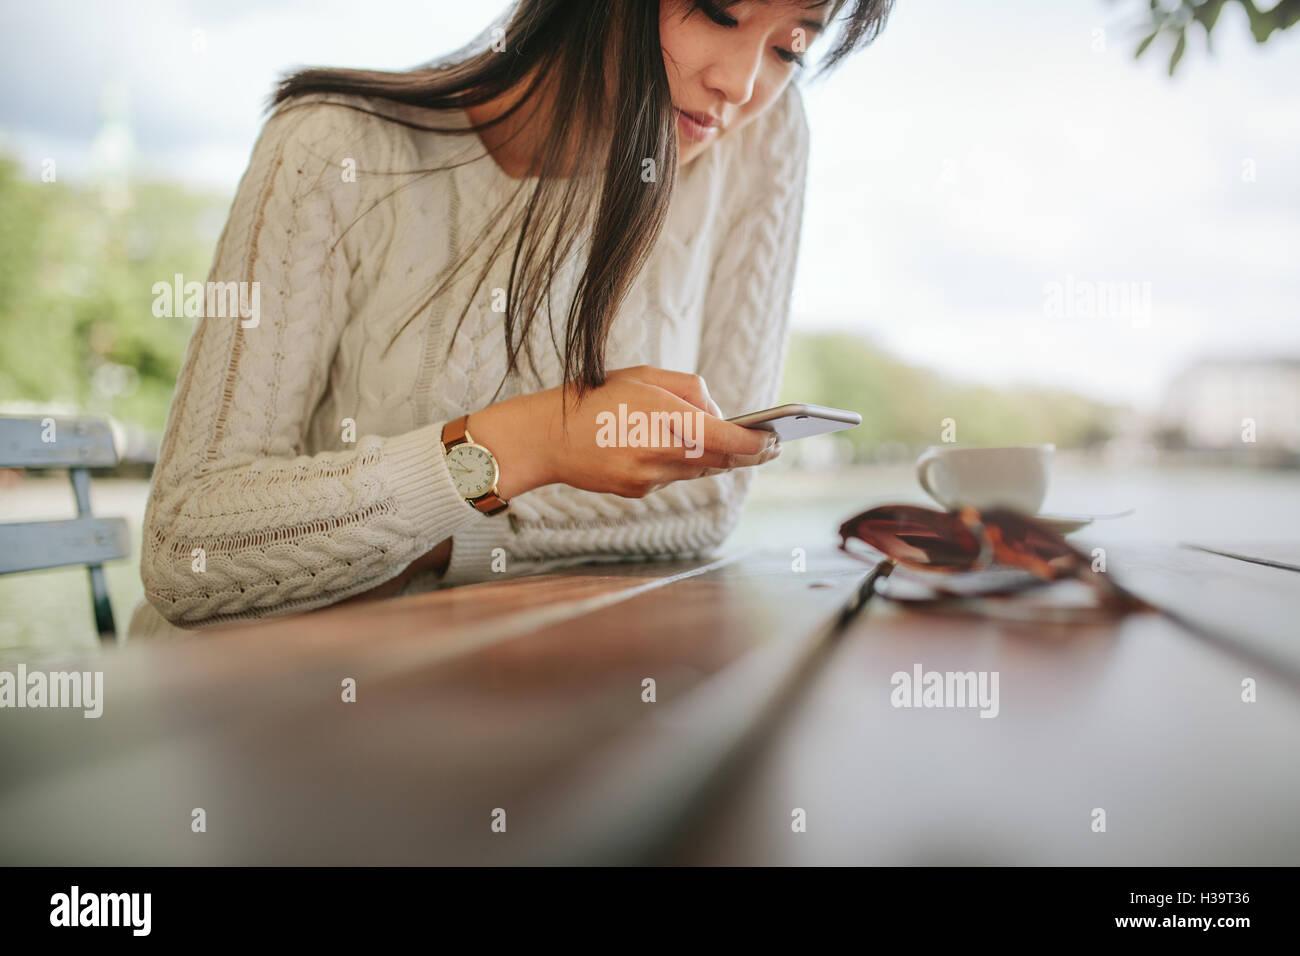 Mujer escribiendo un mensaje de texto en el teléfono inteligente en un café. Imagen del joven sentado Imagen De Stock